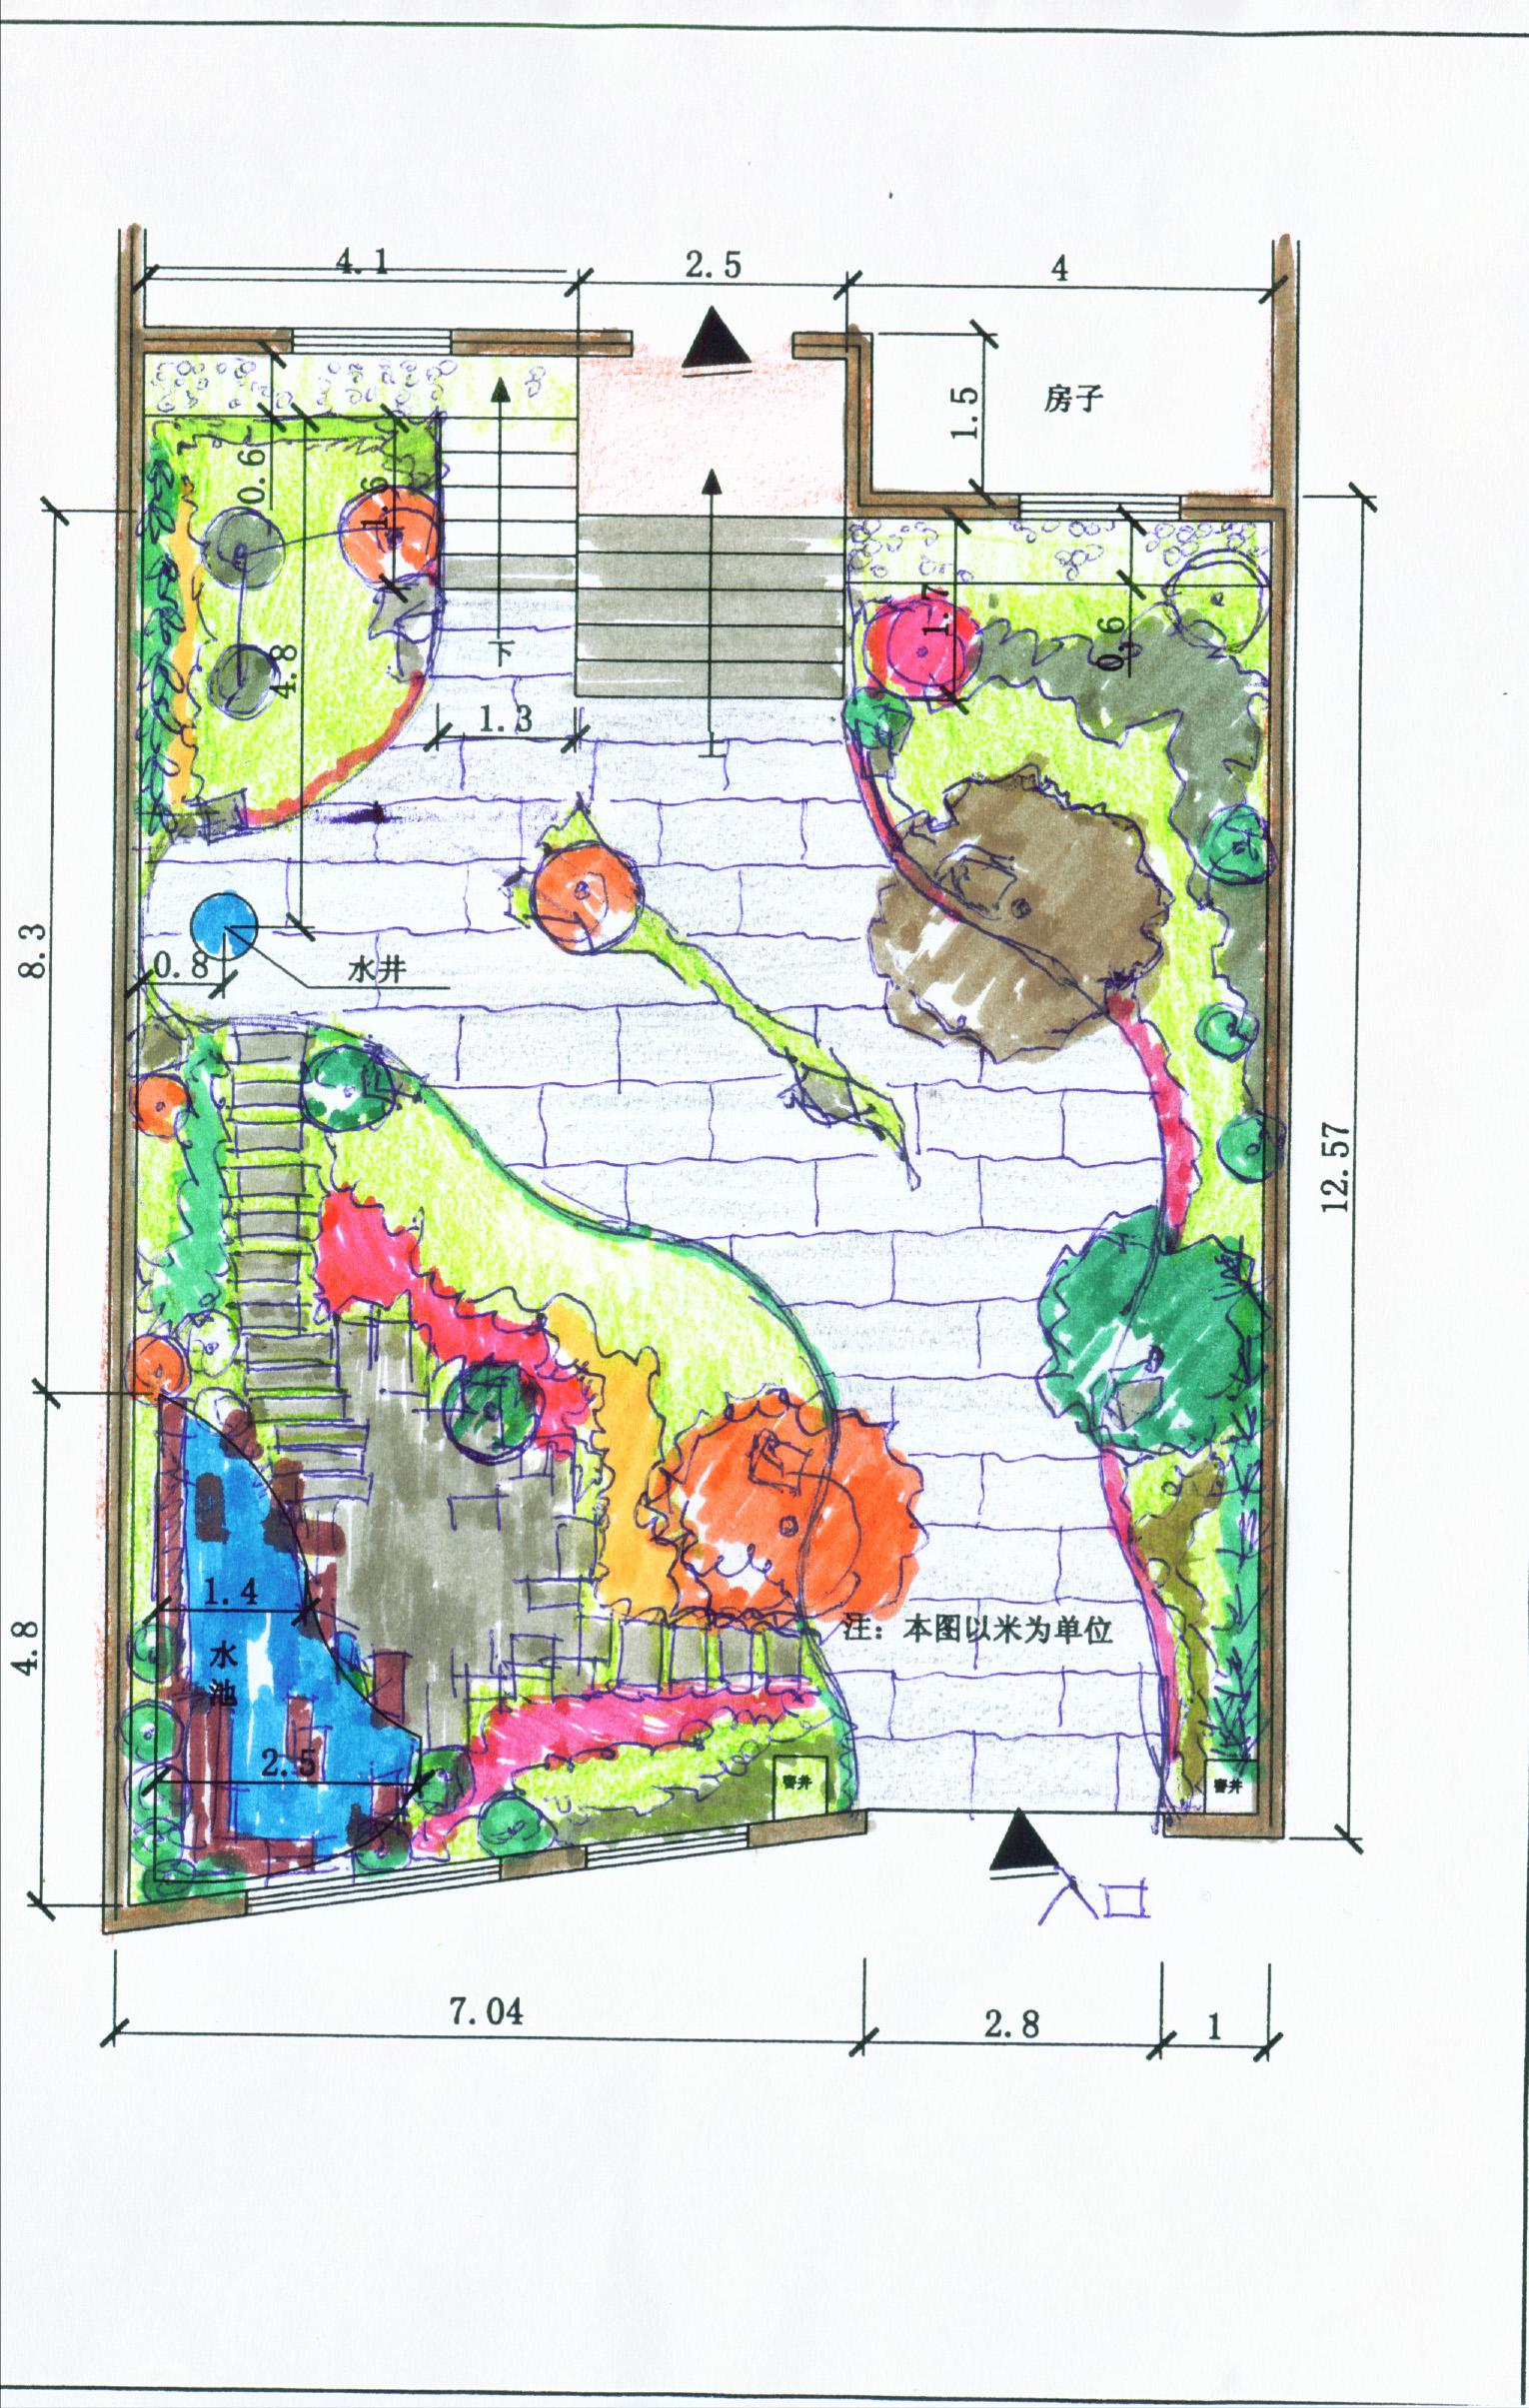 园林吧手绘平面设计图 园林手绘平面图 园林设计平